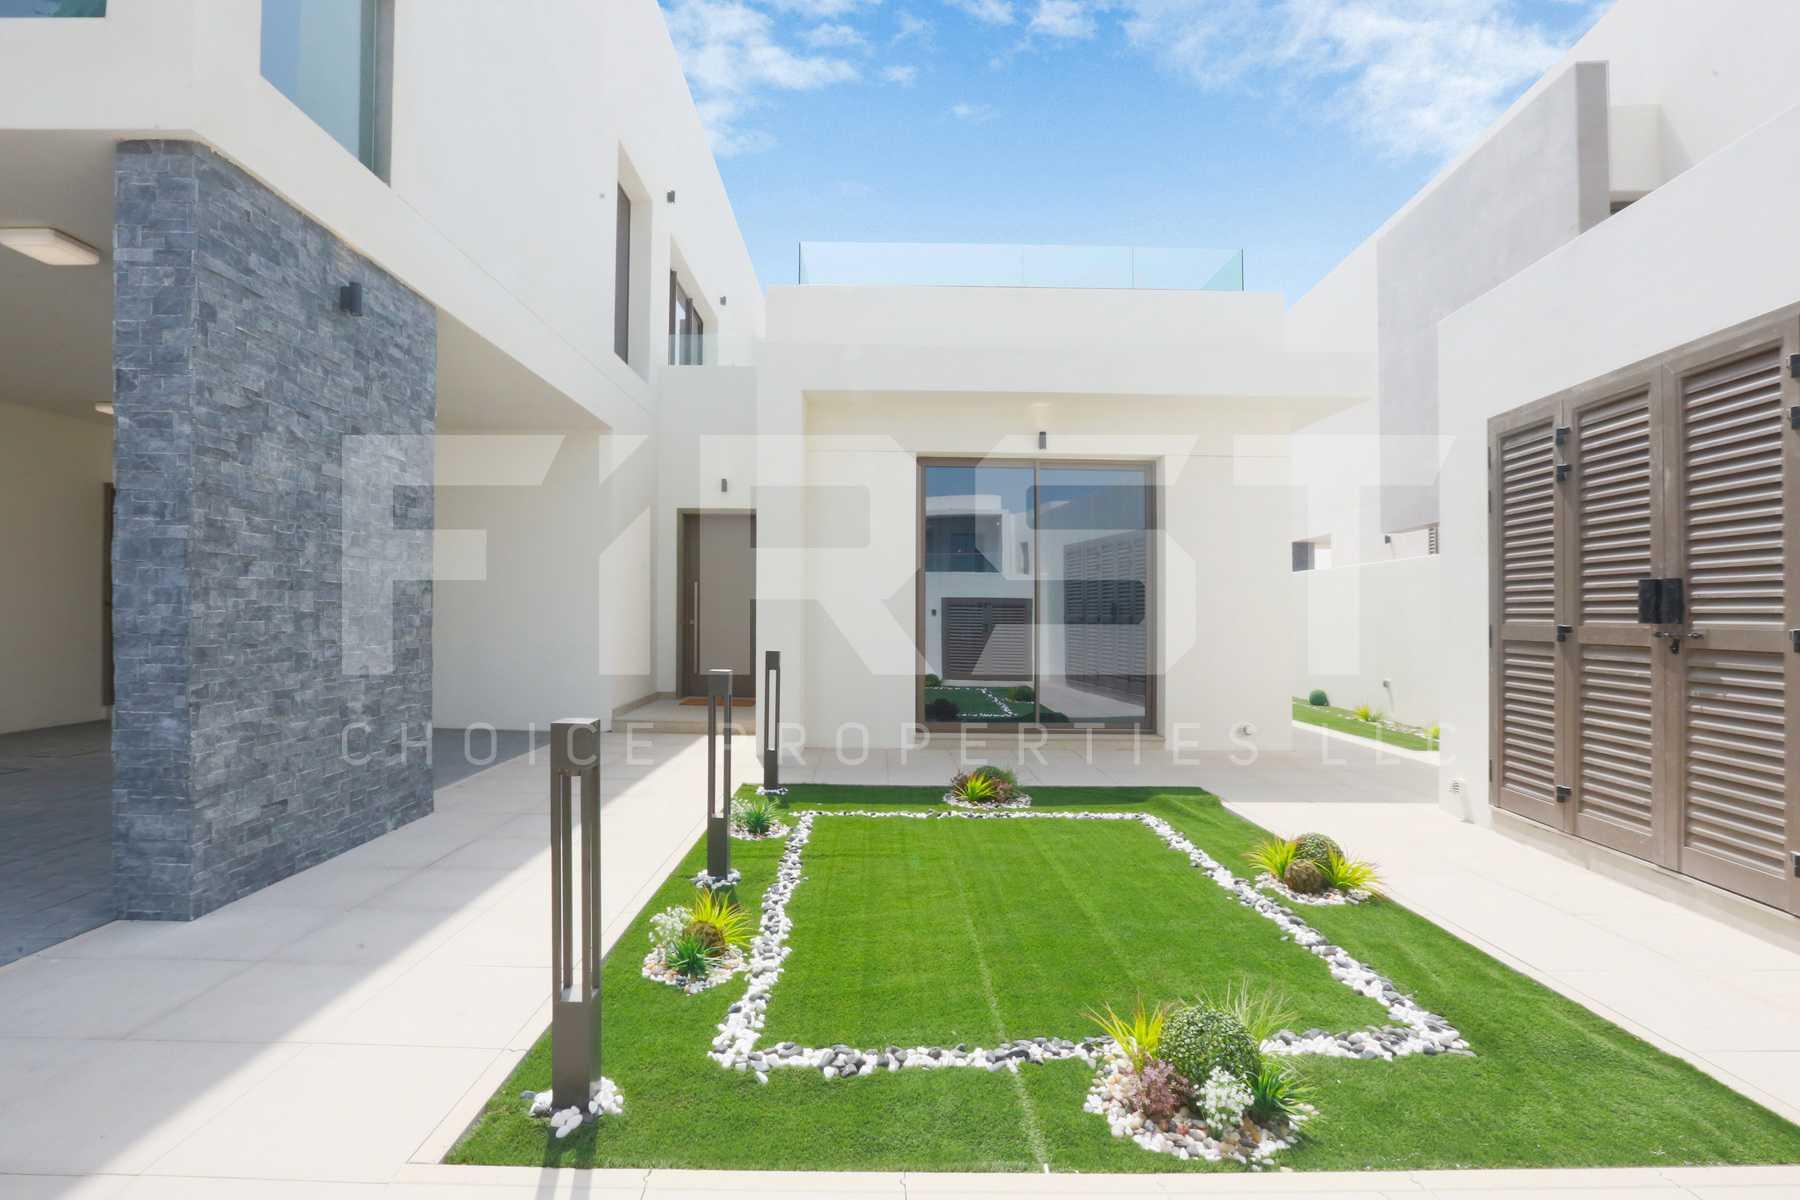 External Photo of 4 Bedroom Villa Type 4F in Yas Acres Yas Island Abu Dhabi UAE (11).jpg